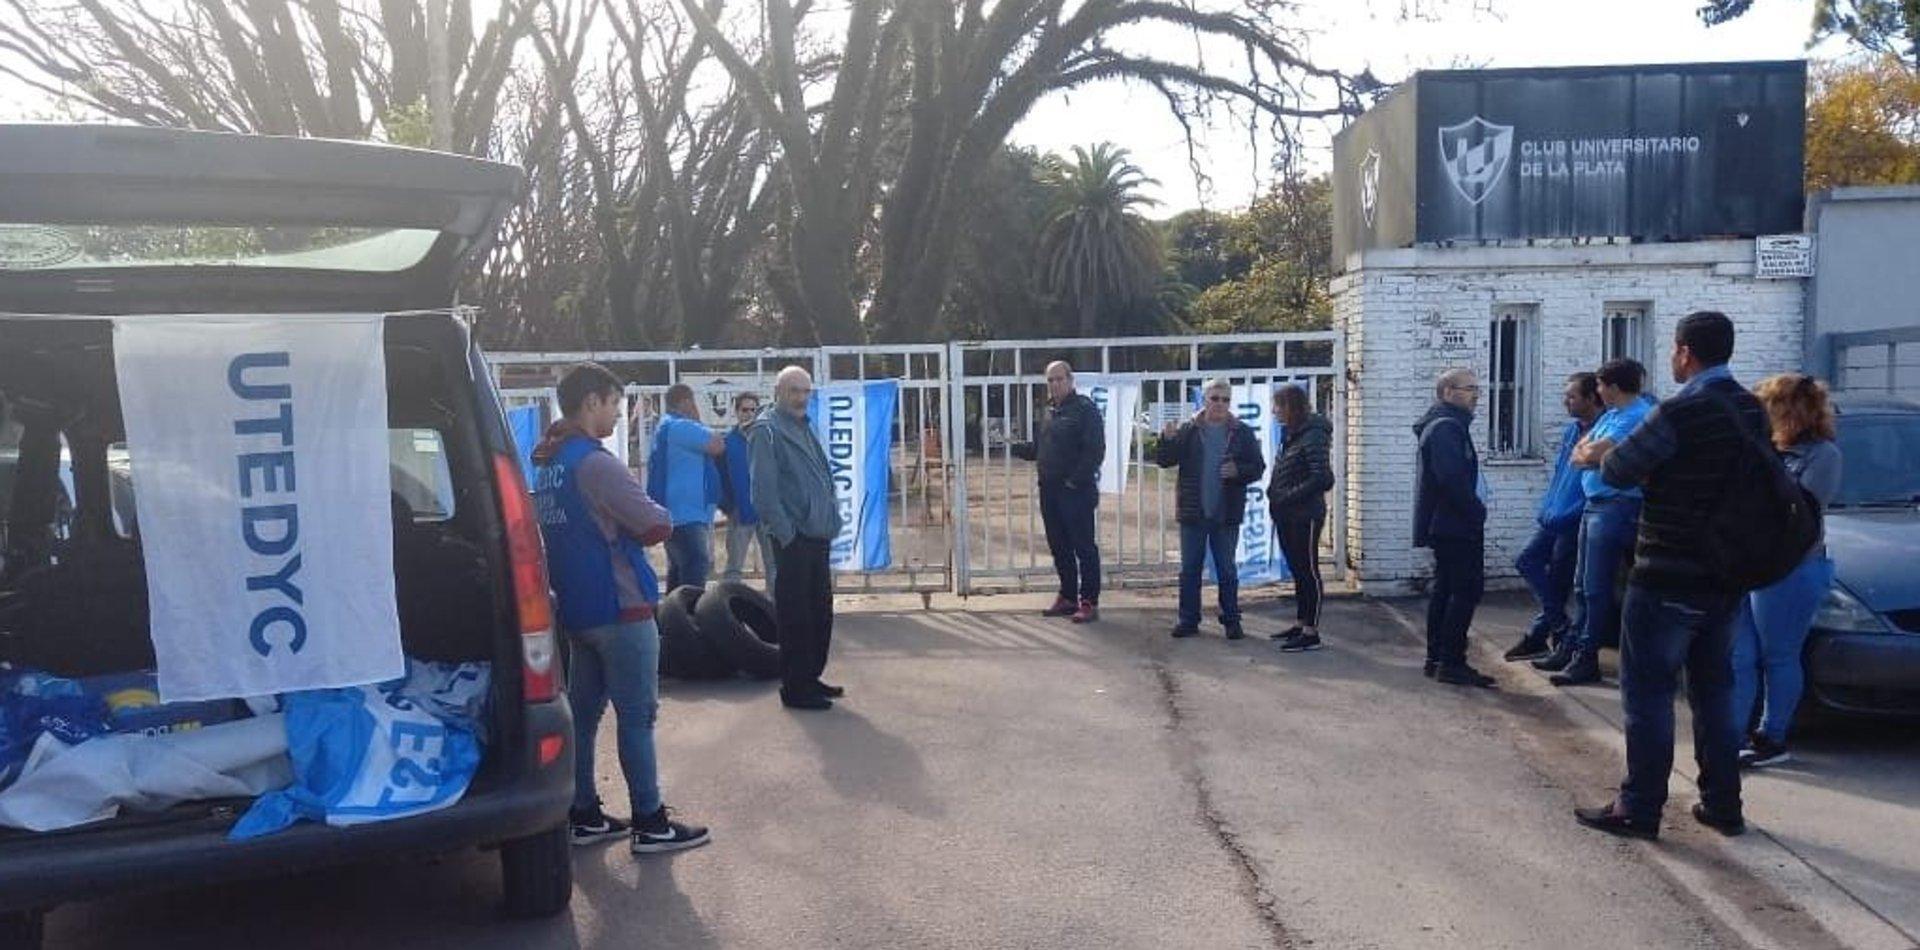 Despidieron a la mitad del personal del Club Universitario y no hay actividades